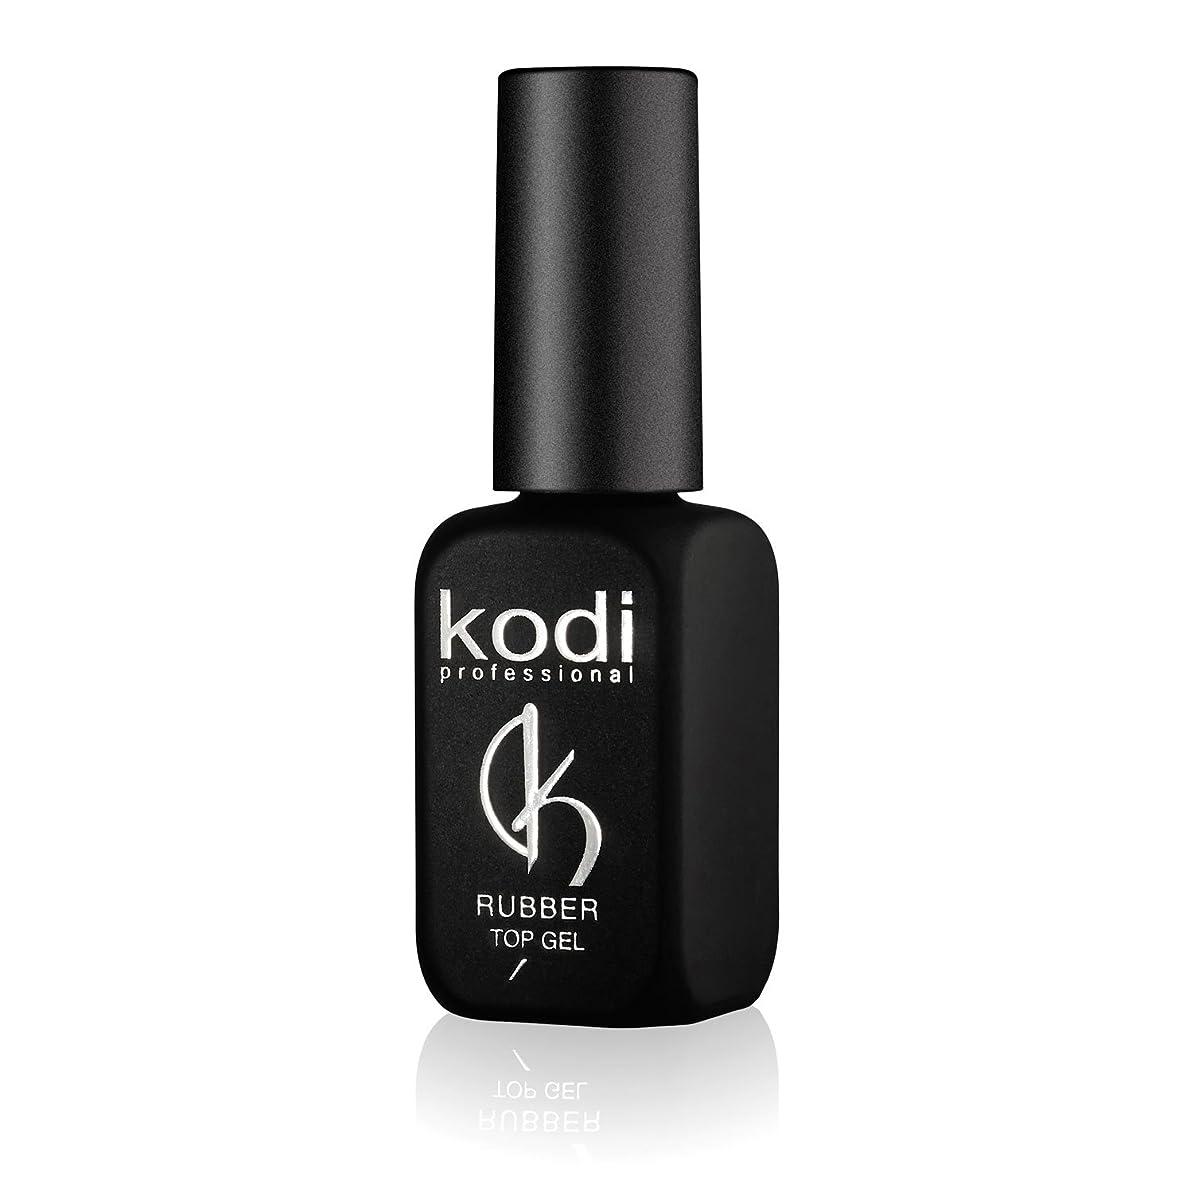 輪郭他の場所ロンドンProfessional Rubber Top Gel By Kodi   12ml 0.42 oz   Soak Off, Polish Fingernails Coat Gel   For Long Lasting Nails Layer   Easy To Use, Non-Toxic & Scentless   Cure Under LED Or UV Lamp